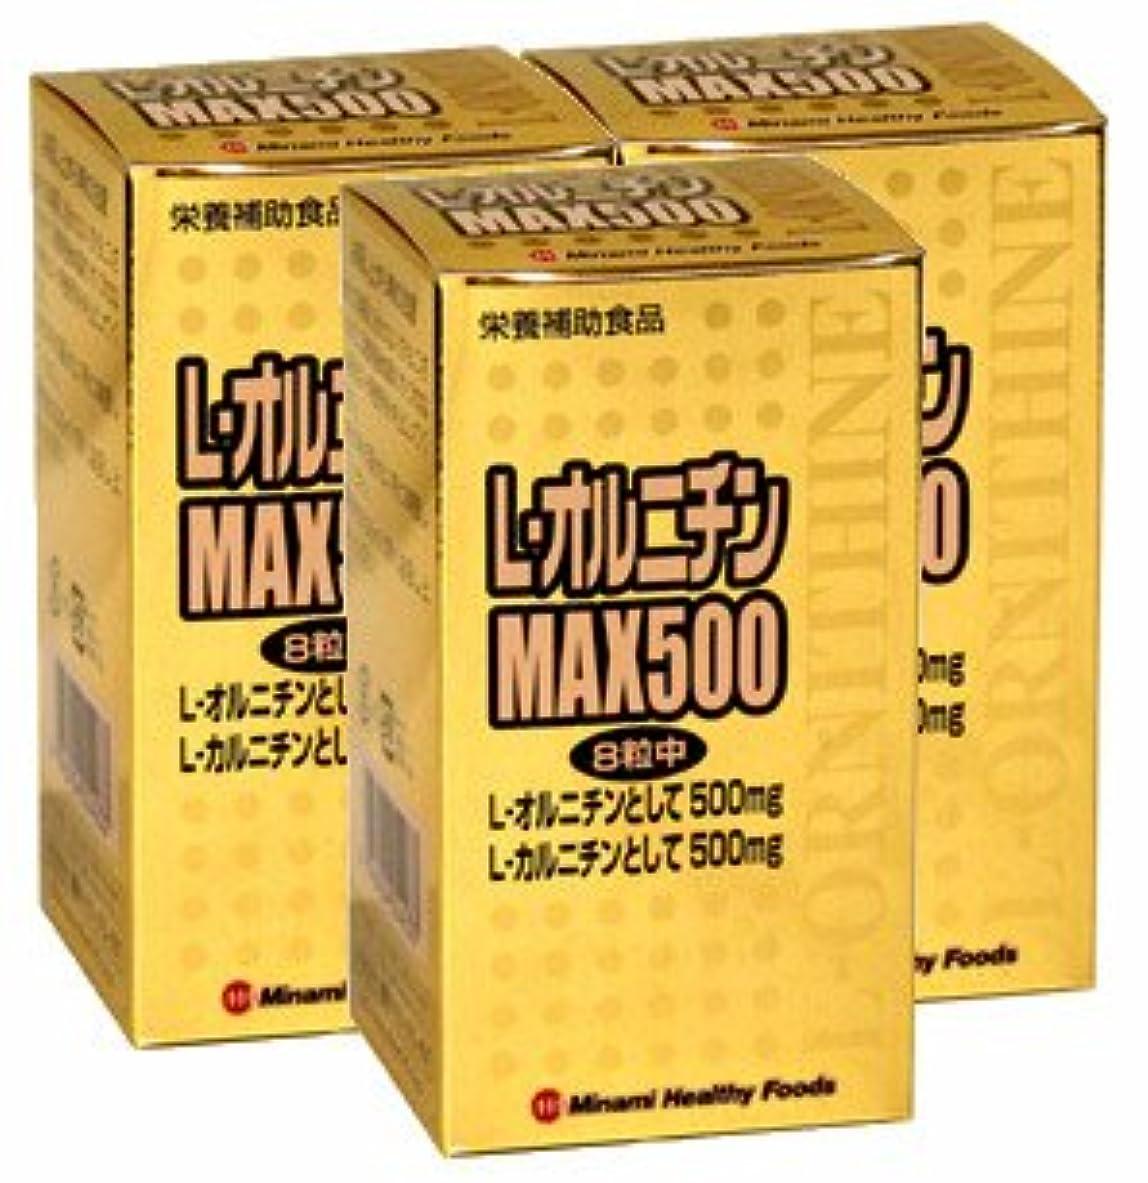 ミナミヘルシーフーズ L-オルニチンMAX500 240粒×3個 4945904014233*3